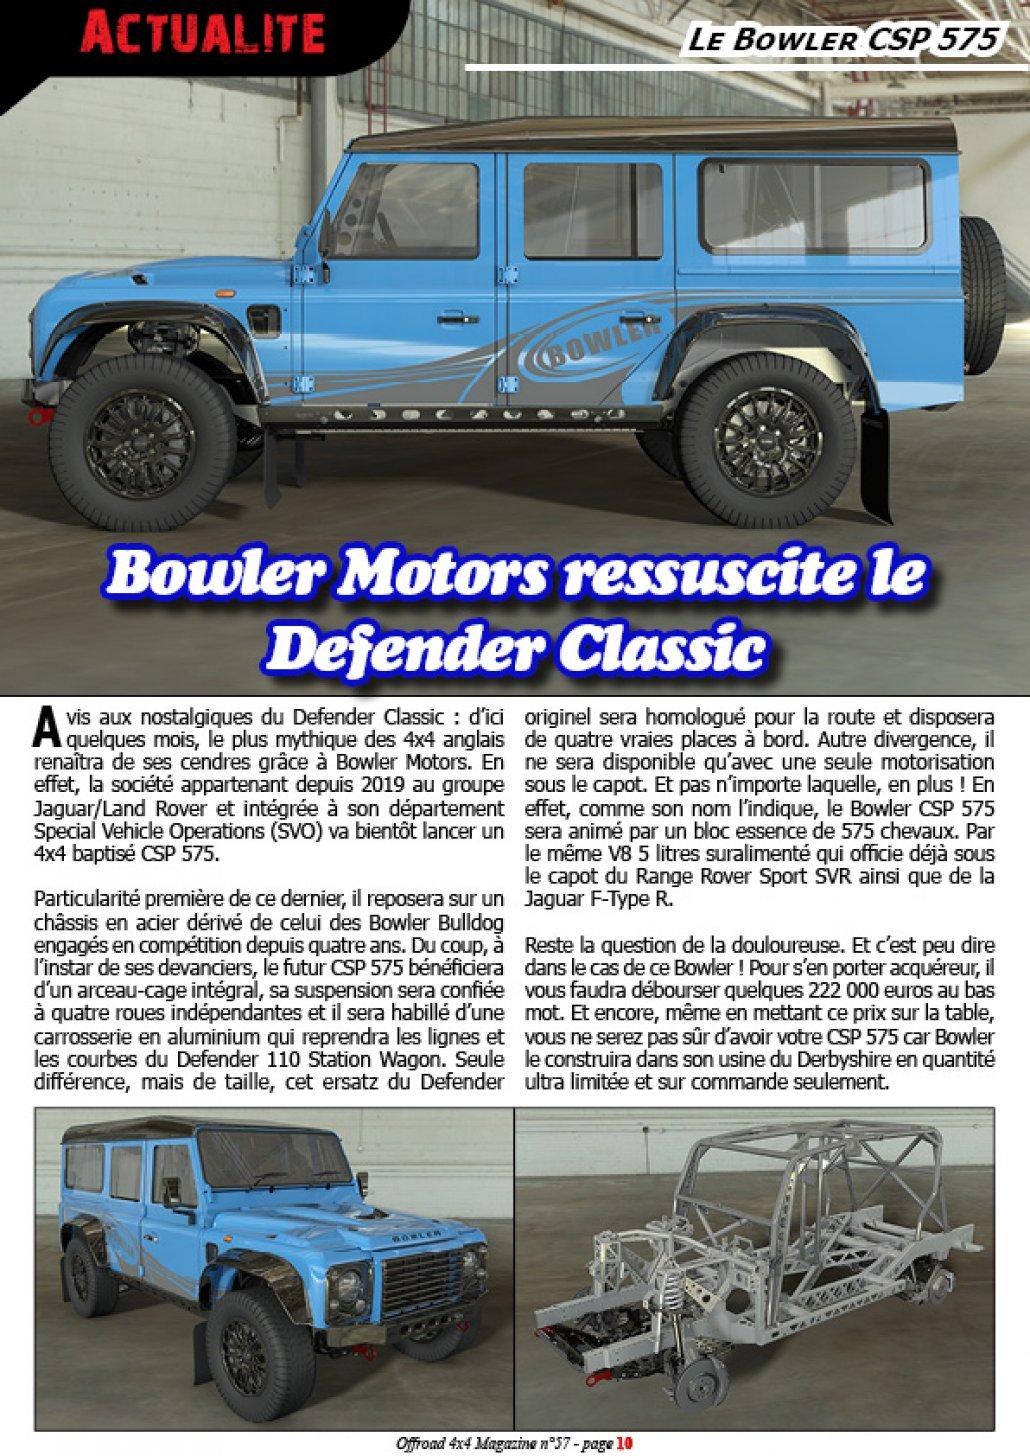 Le Bowler CSP 575